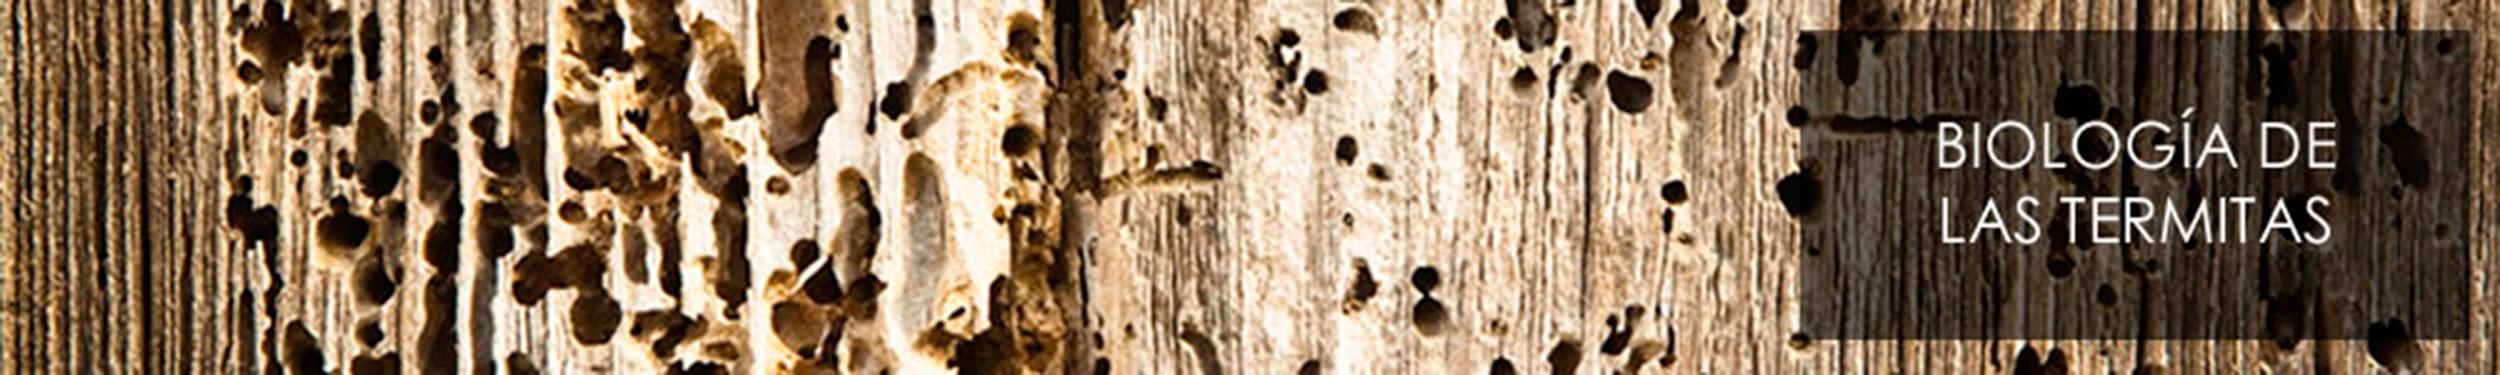 Servicio de control de plagas termitas